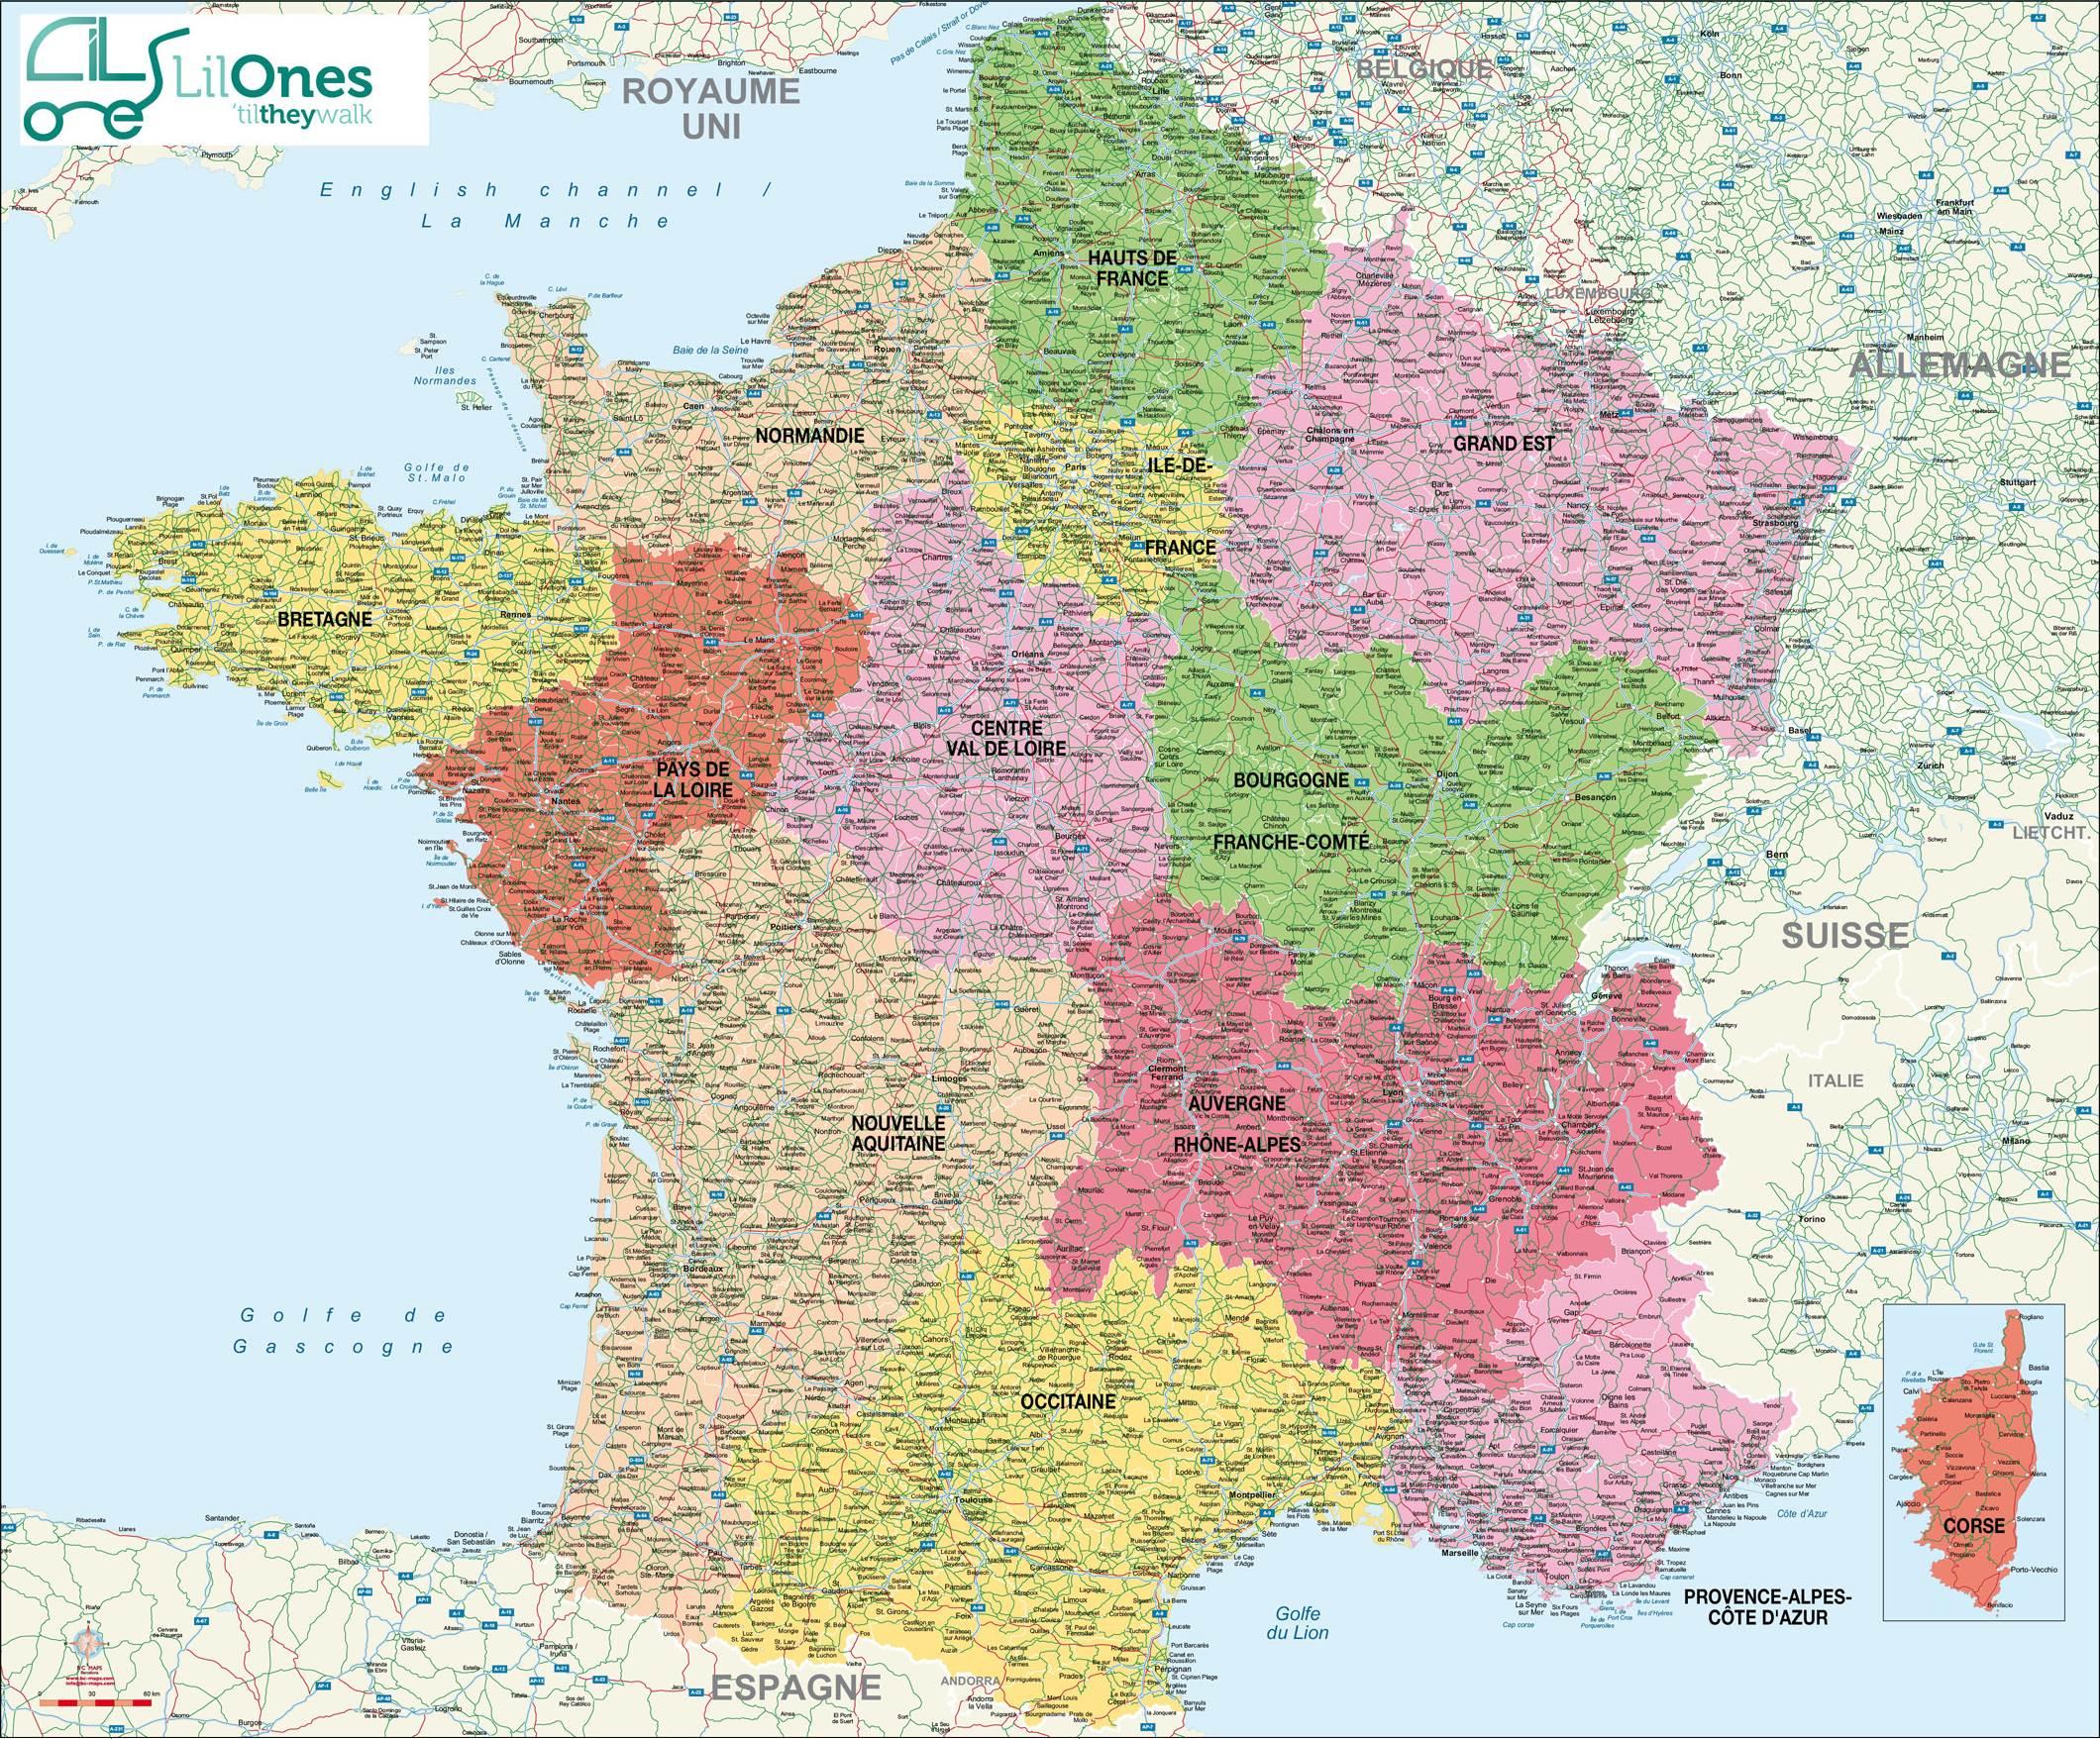 Cartes De France : Cartes Des Régions, Départements Et encequiconcerne Carte De France Detaillée Gratuite